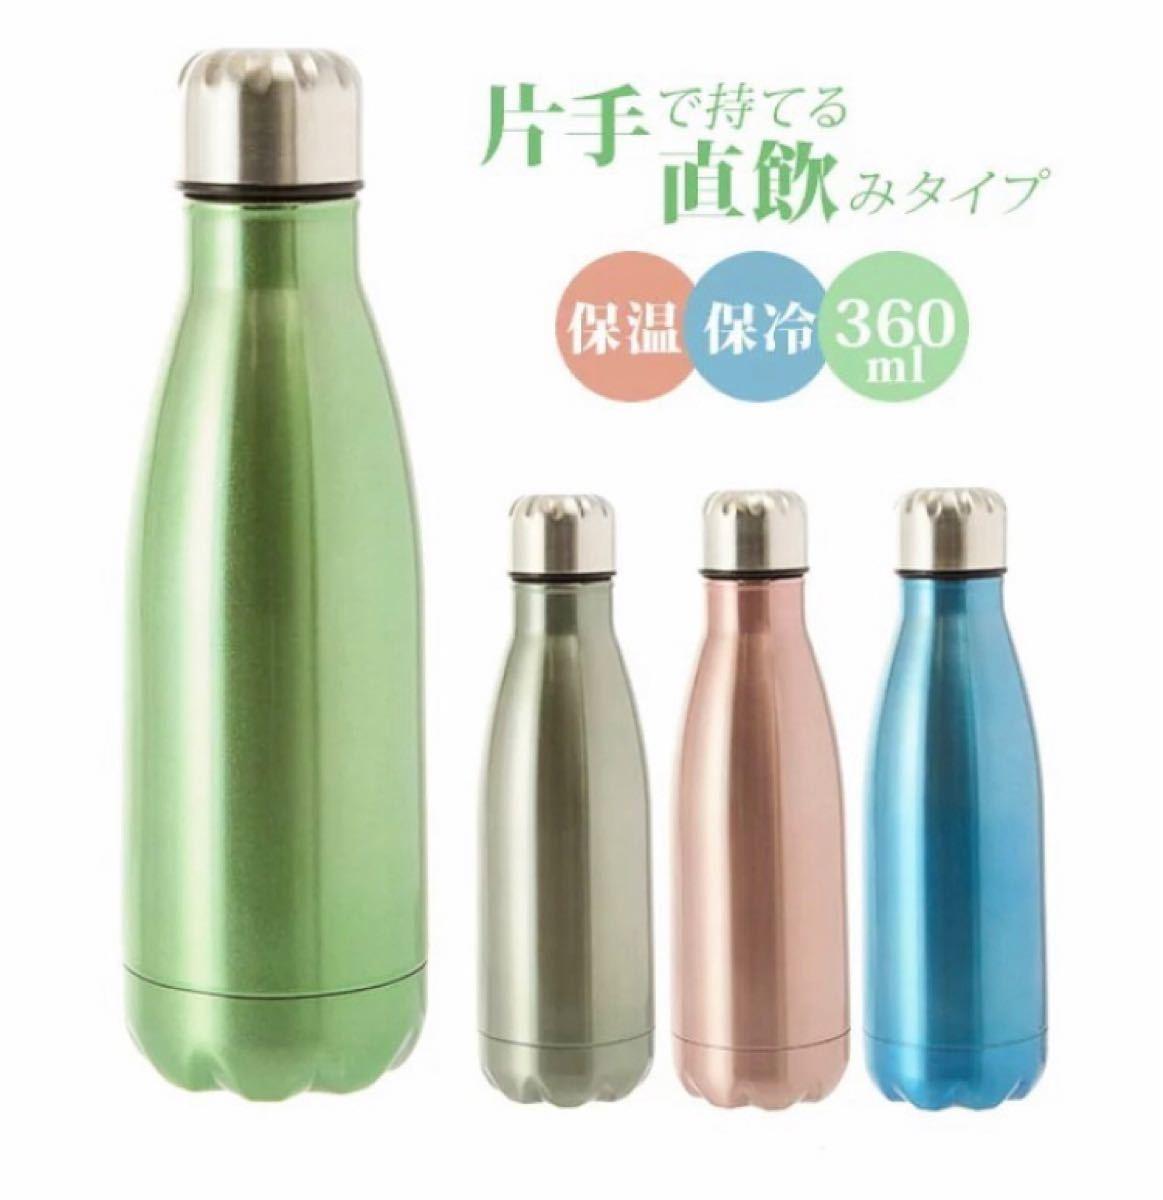 【新品未使用】 スプラッシュボトル ステンレスボトル  ステンレスマグ 真空二重構造 保温 保冷 オシャレ スタイリッシュ